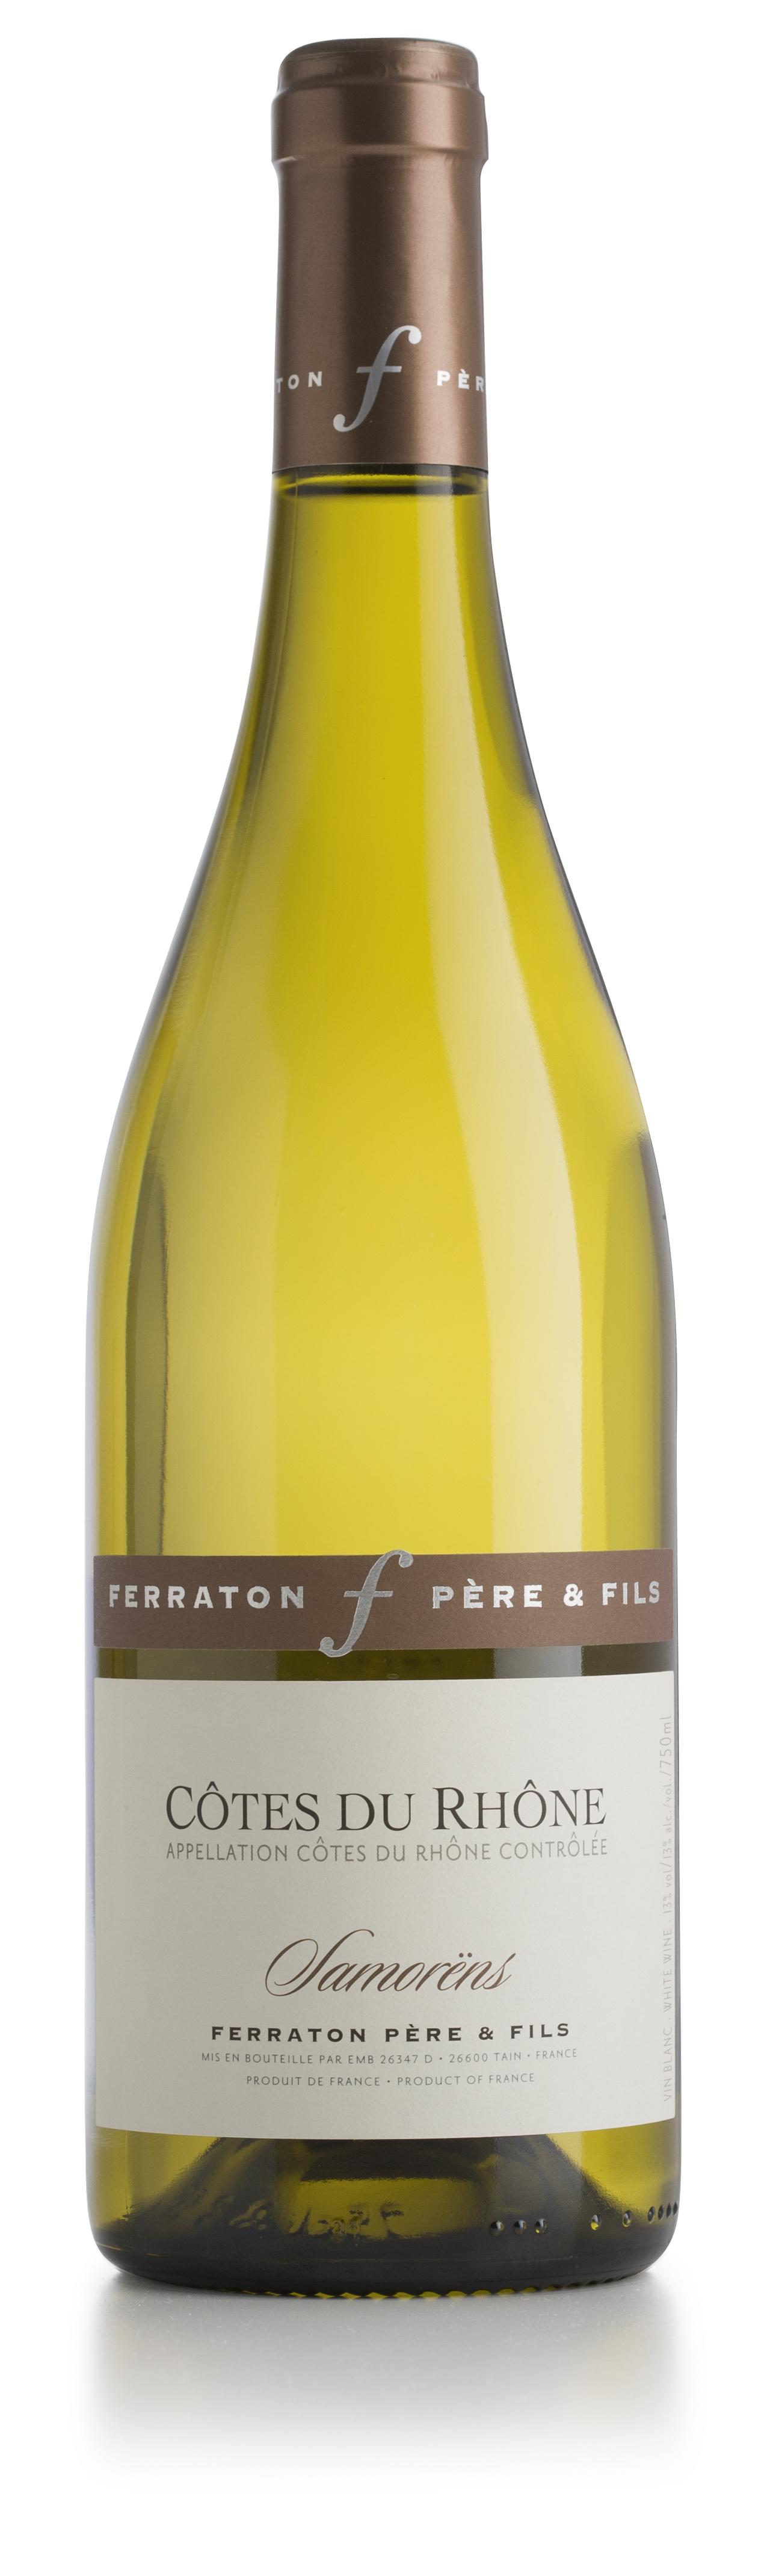 FER-Samorens blanc.jpg